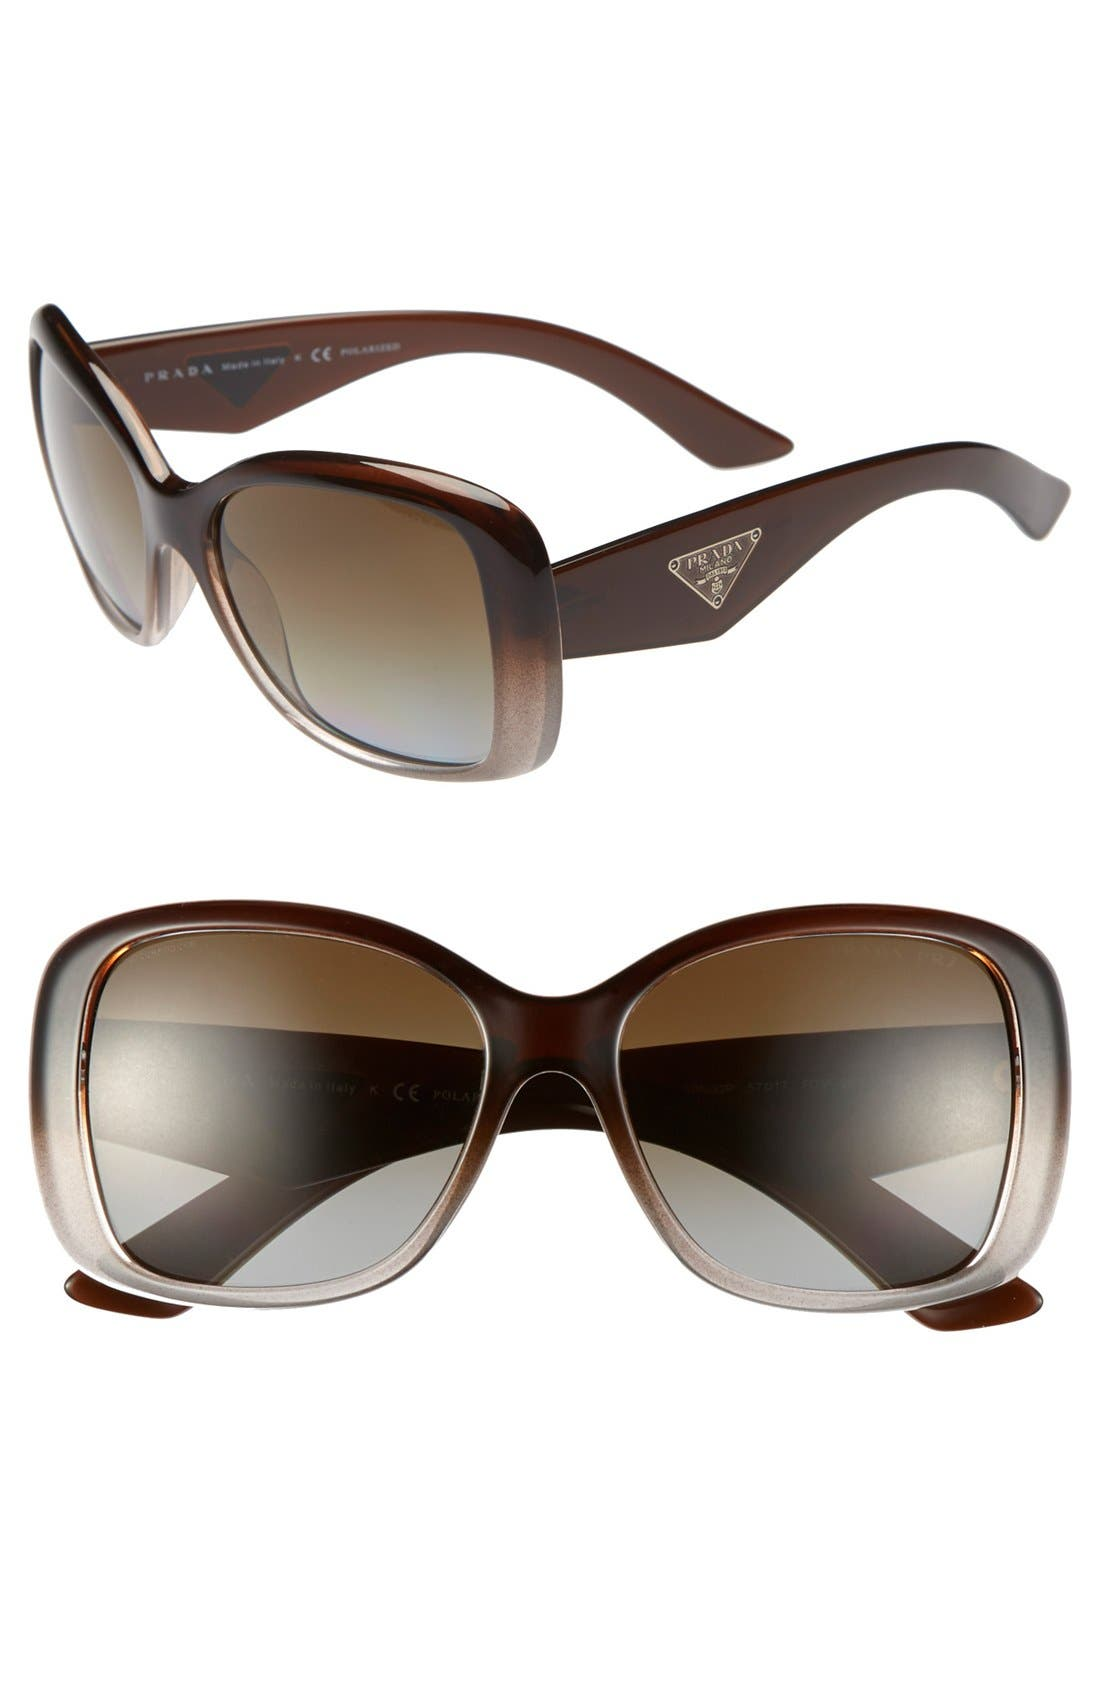 Main Image - Prada 'Oversized Glam' 57mm Polarized Sunglasses